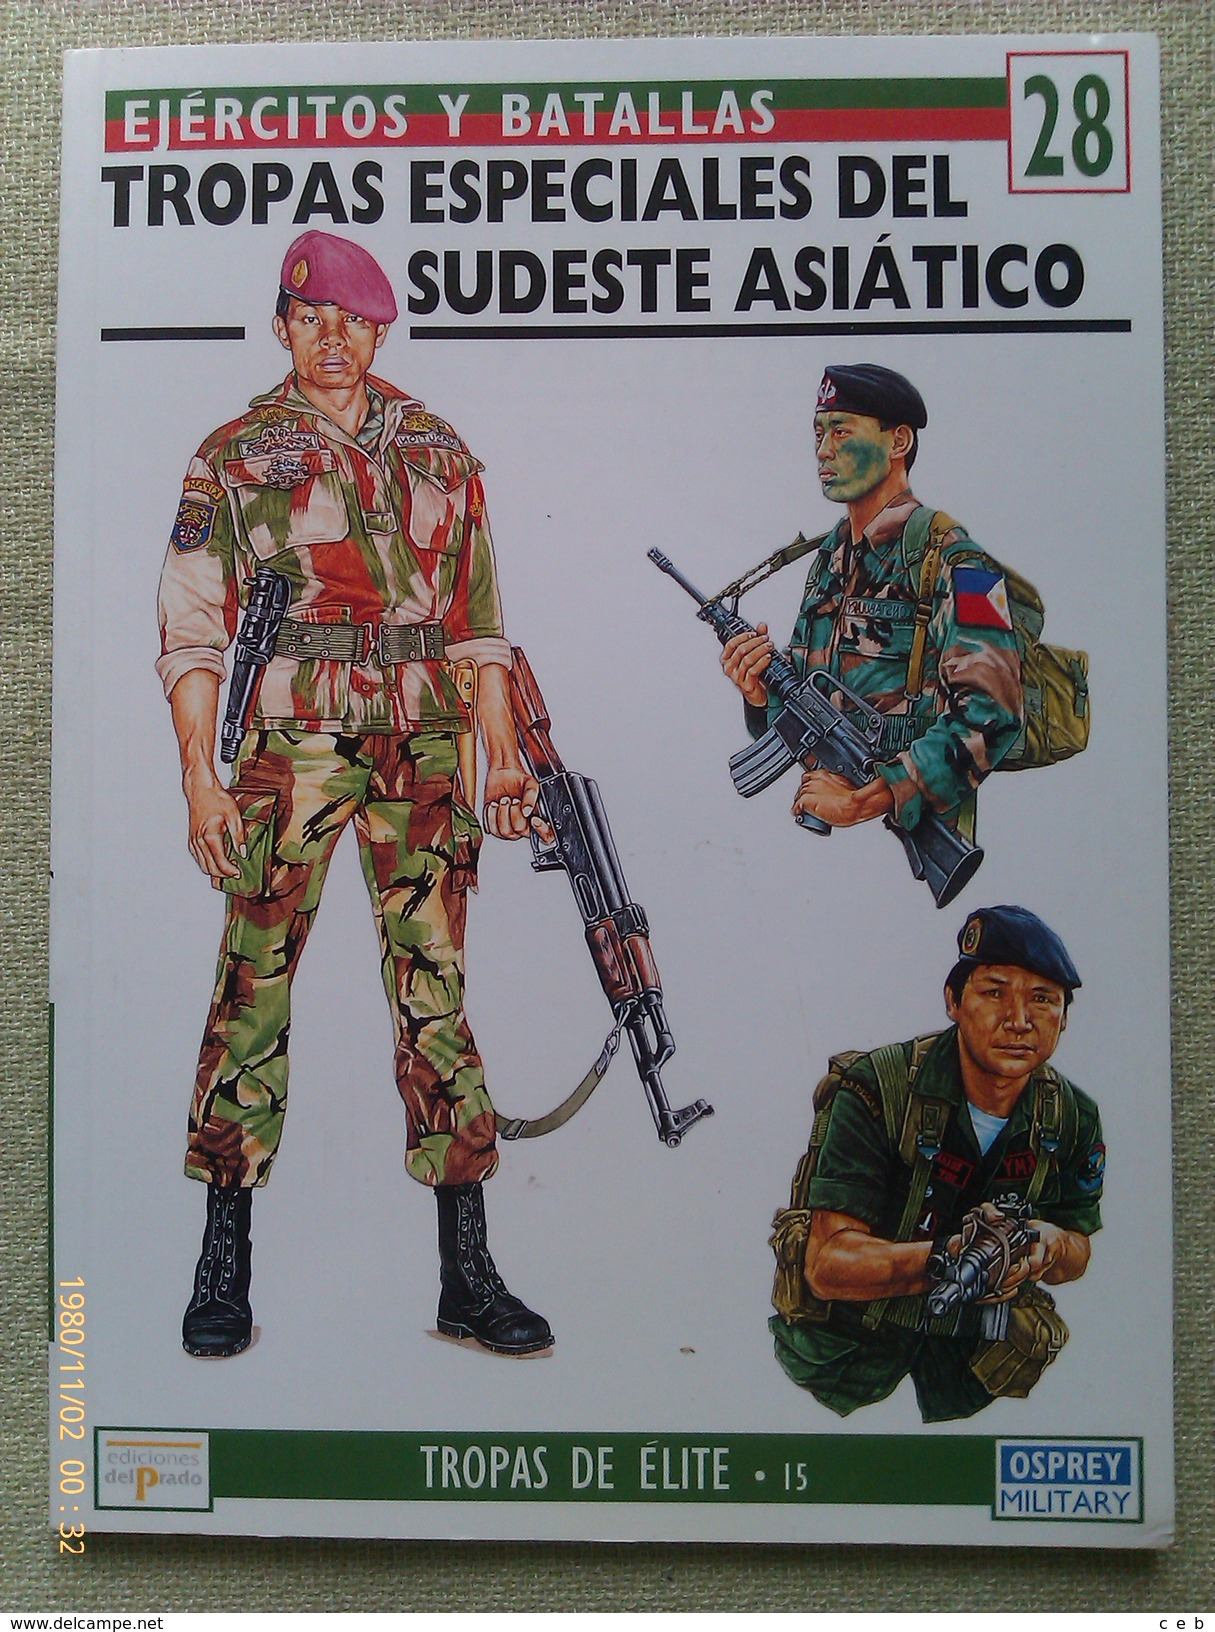 Libro: Tropas Especiales Del Sudeste Asiatico. 1994. España. Coleccion: Ejércitos Y Batallas. Tropas De Élite - Libros